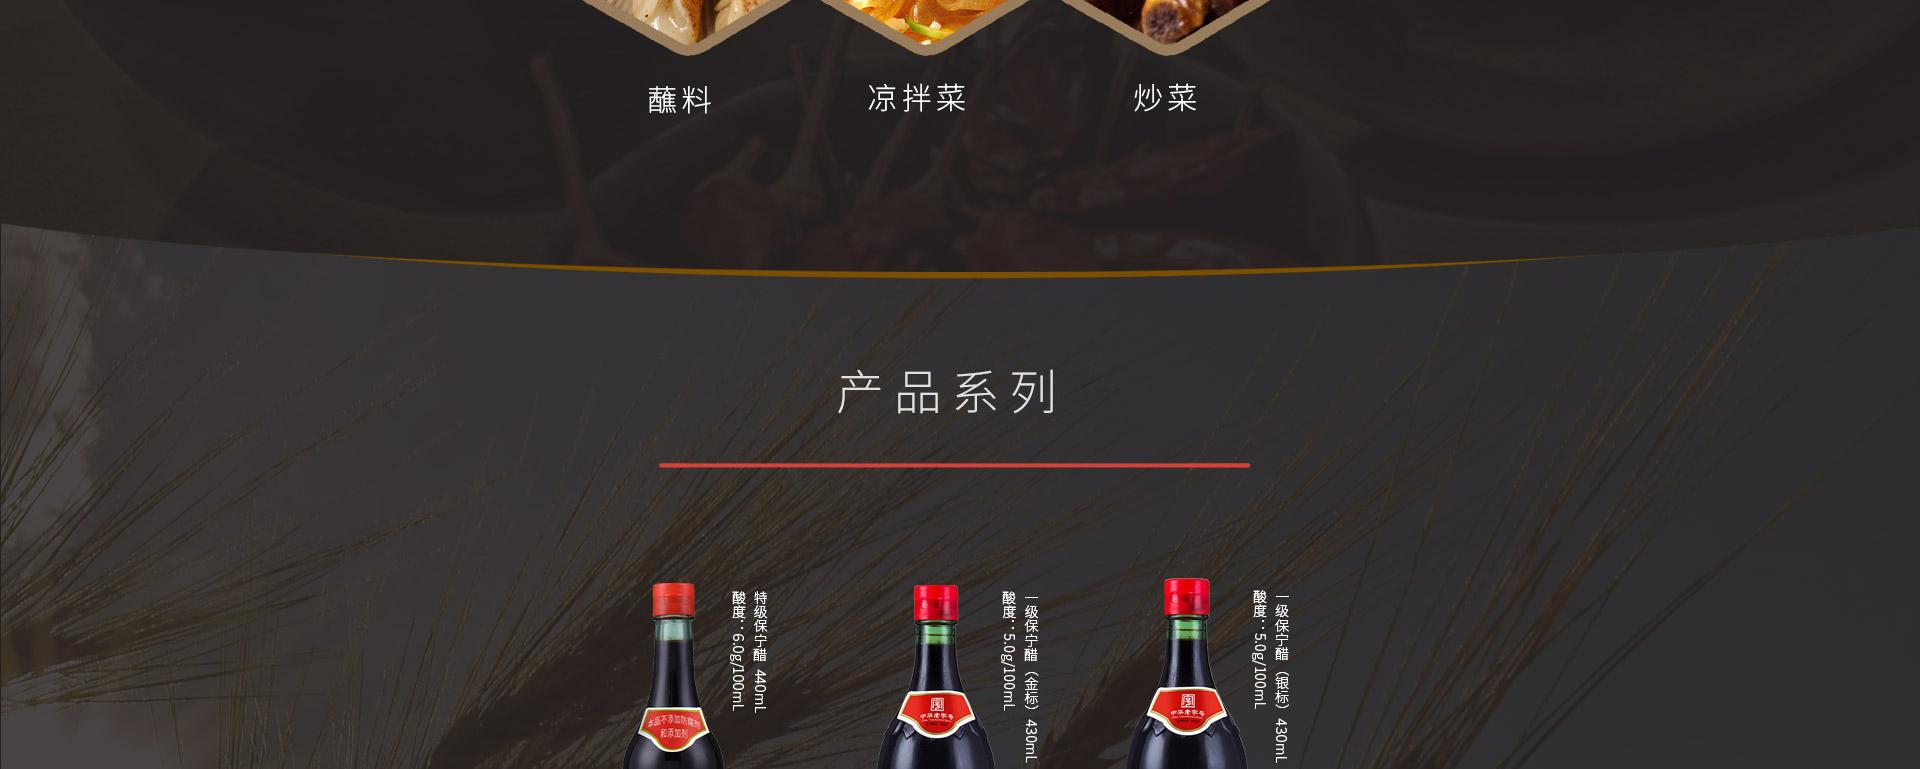 产品-经典_04.jpg